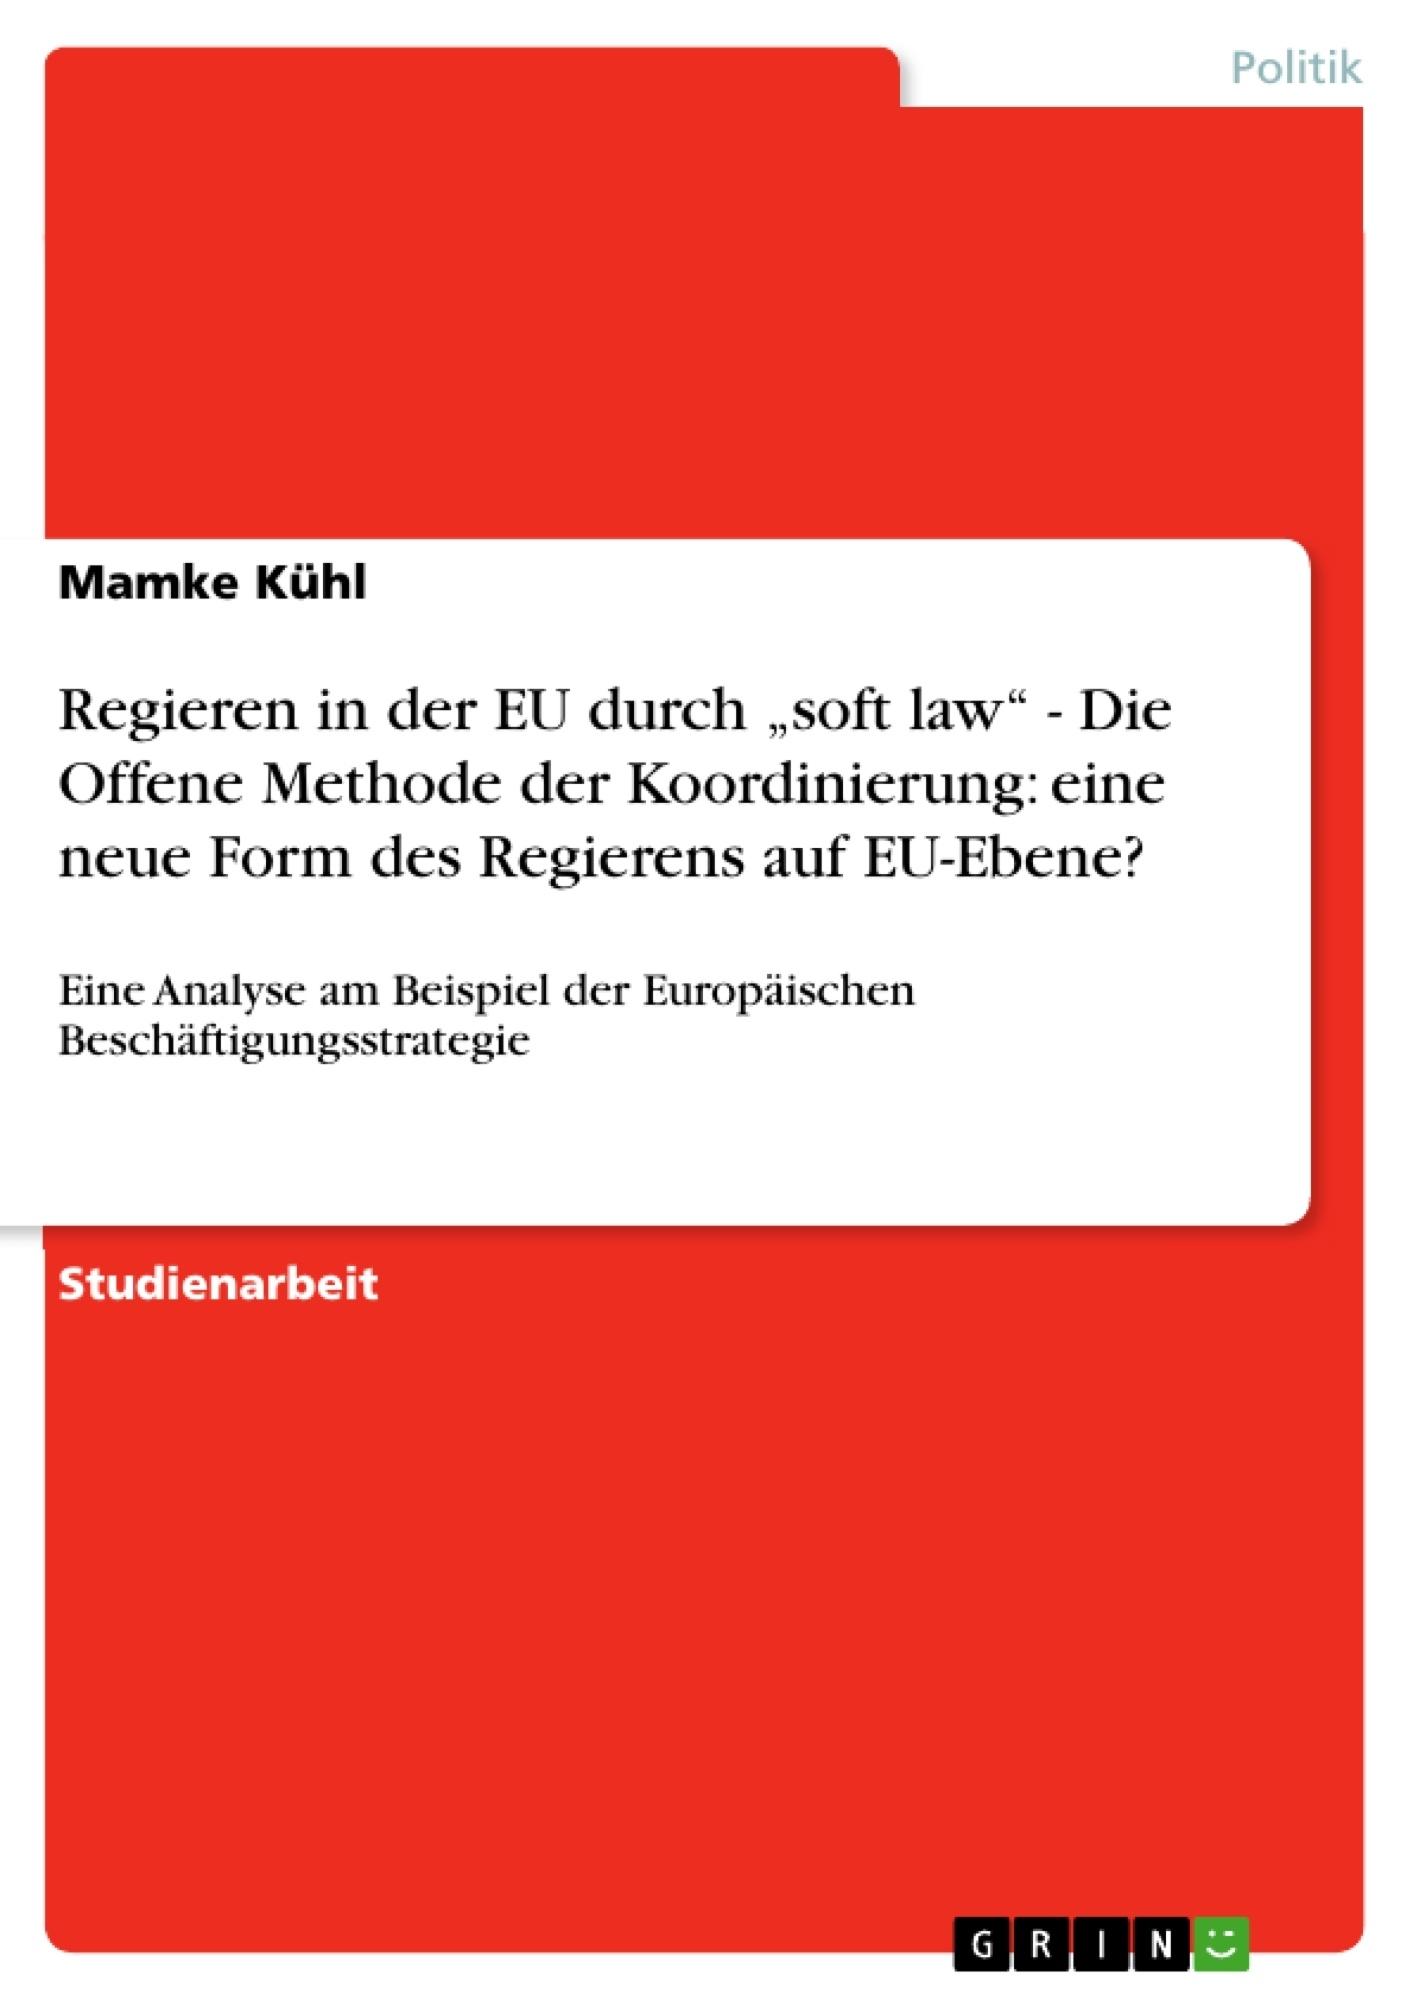 """Titel: Regieren in der EU durch """"soft law"""" - Die Offene Methode der Koordinierung: eine neue Form des Regierens auf EU-Ebene?"""